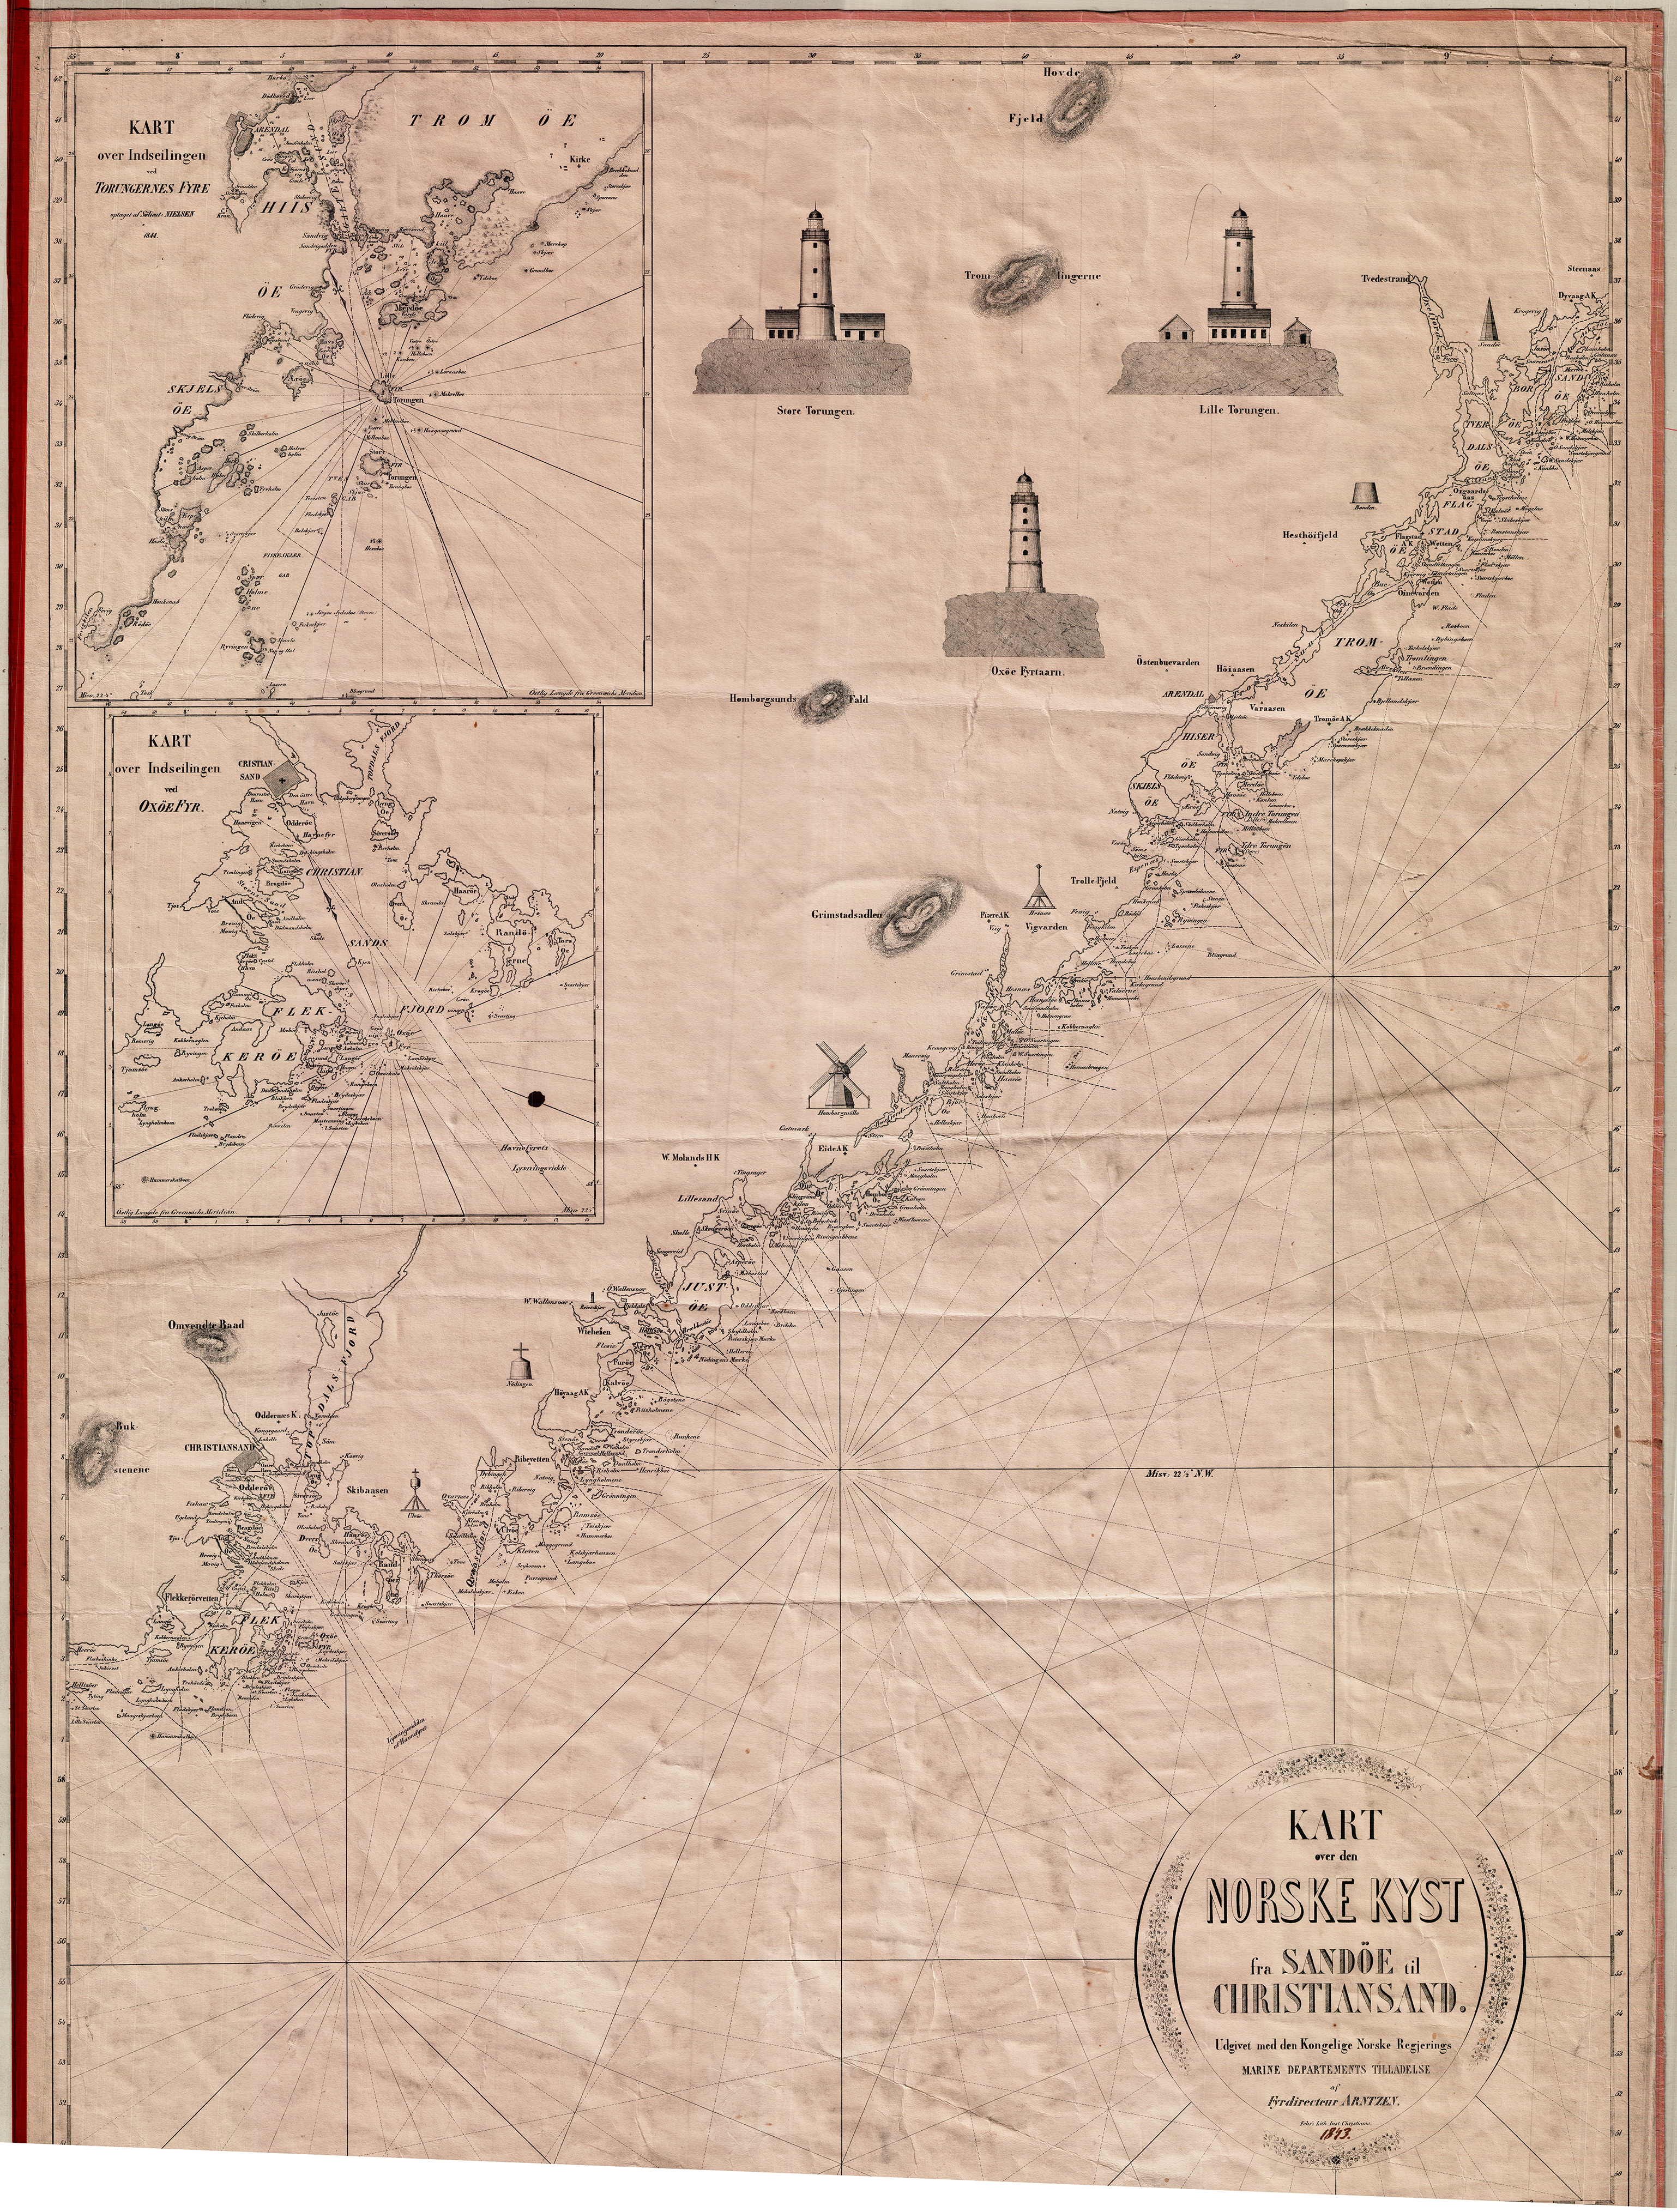 kart til File:Kart over kysten av Norge fra Kristiansand til Sandøya.png  kart til